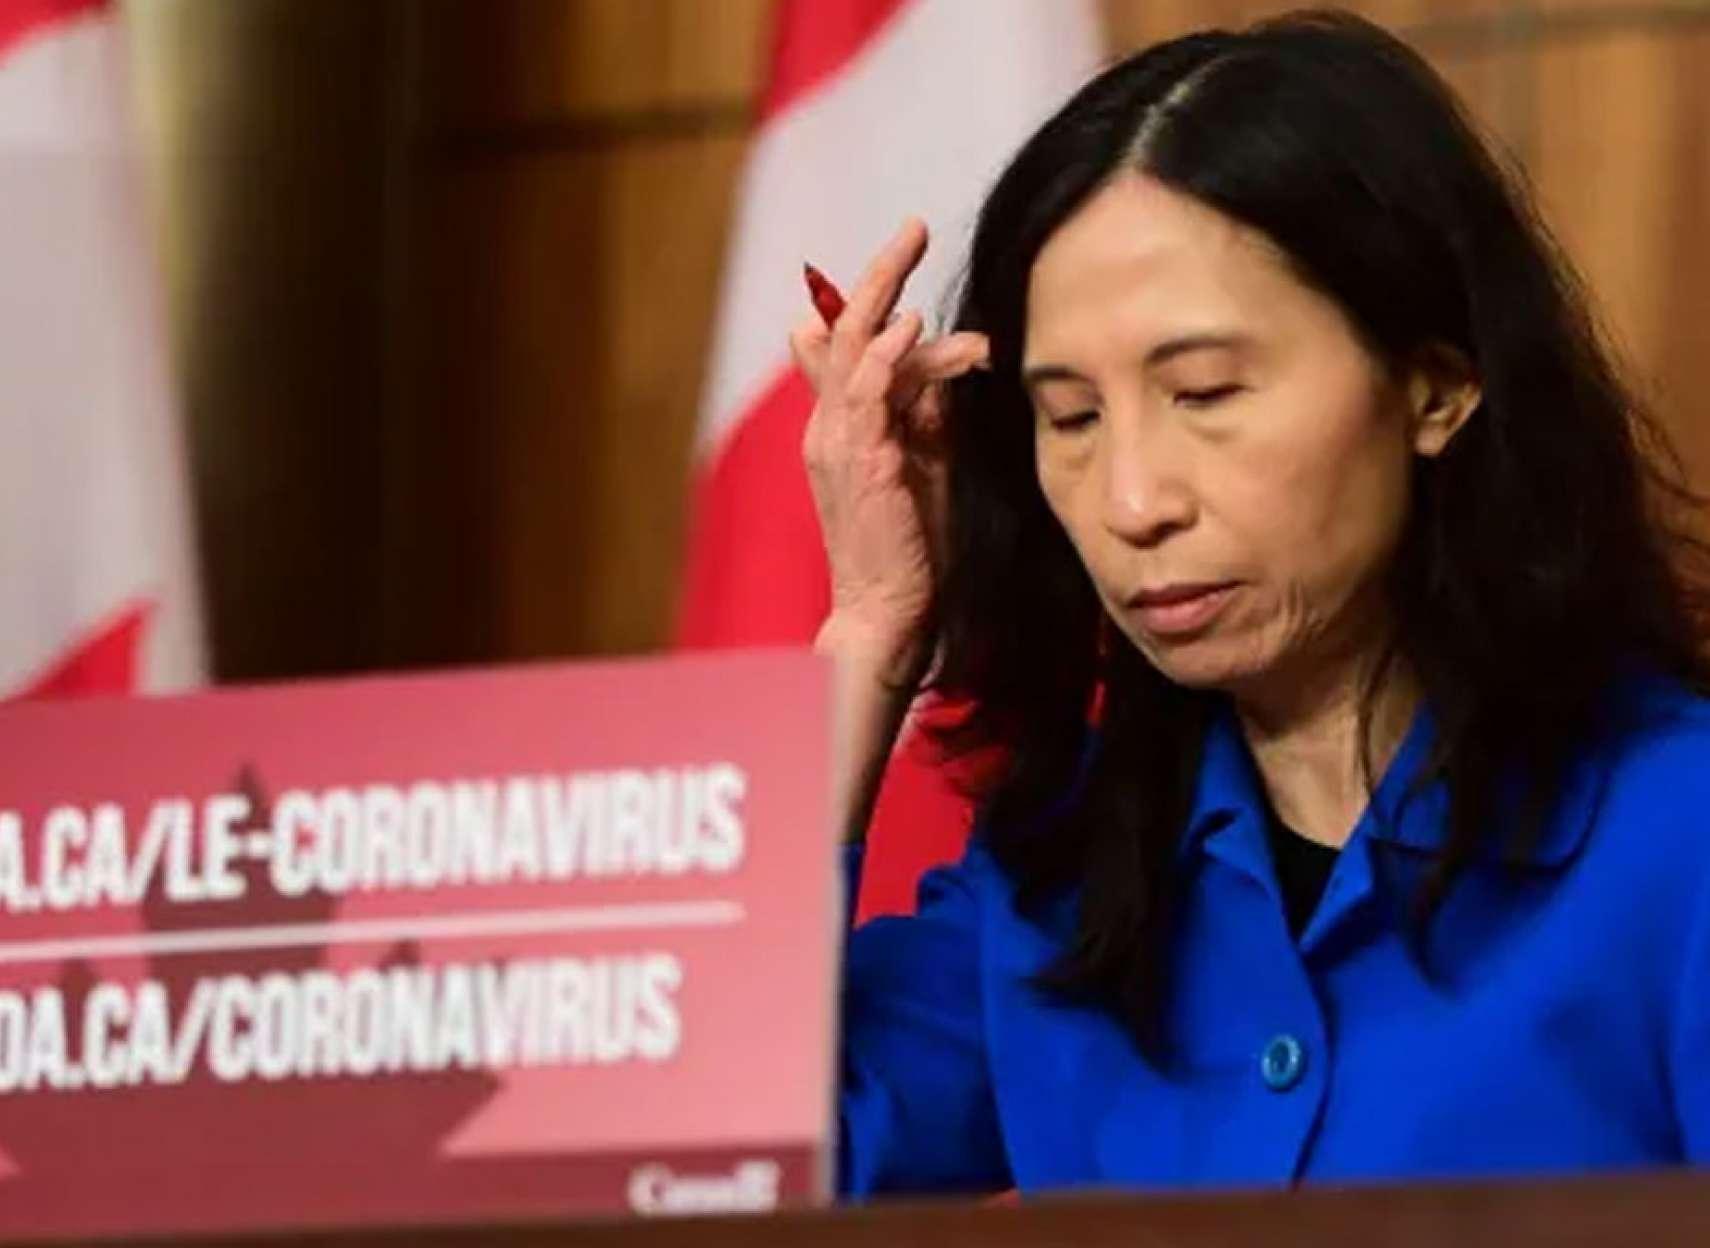 خبر-کانادا-دکتر-تام-کانادا-تا-آخر-ماه-روزانه-۱۵۰۰۰-کرونایی-آلبرتا-واکسن-بزن-۱۰۰-دلار-بگیر